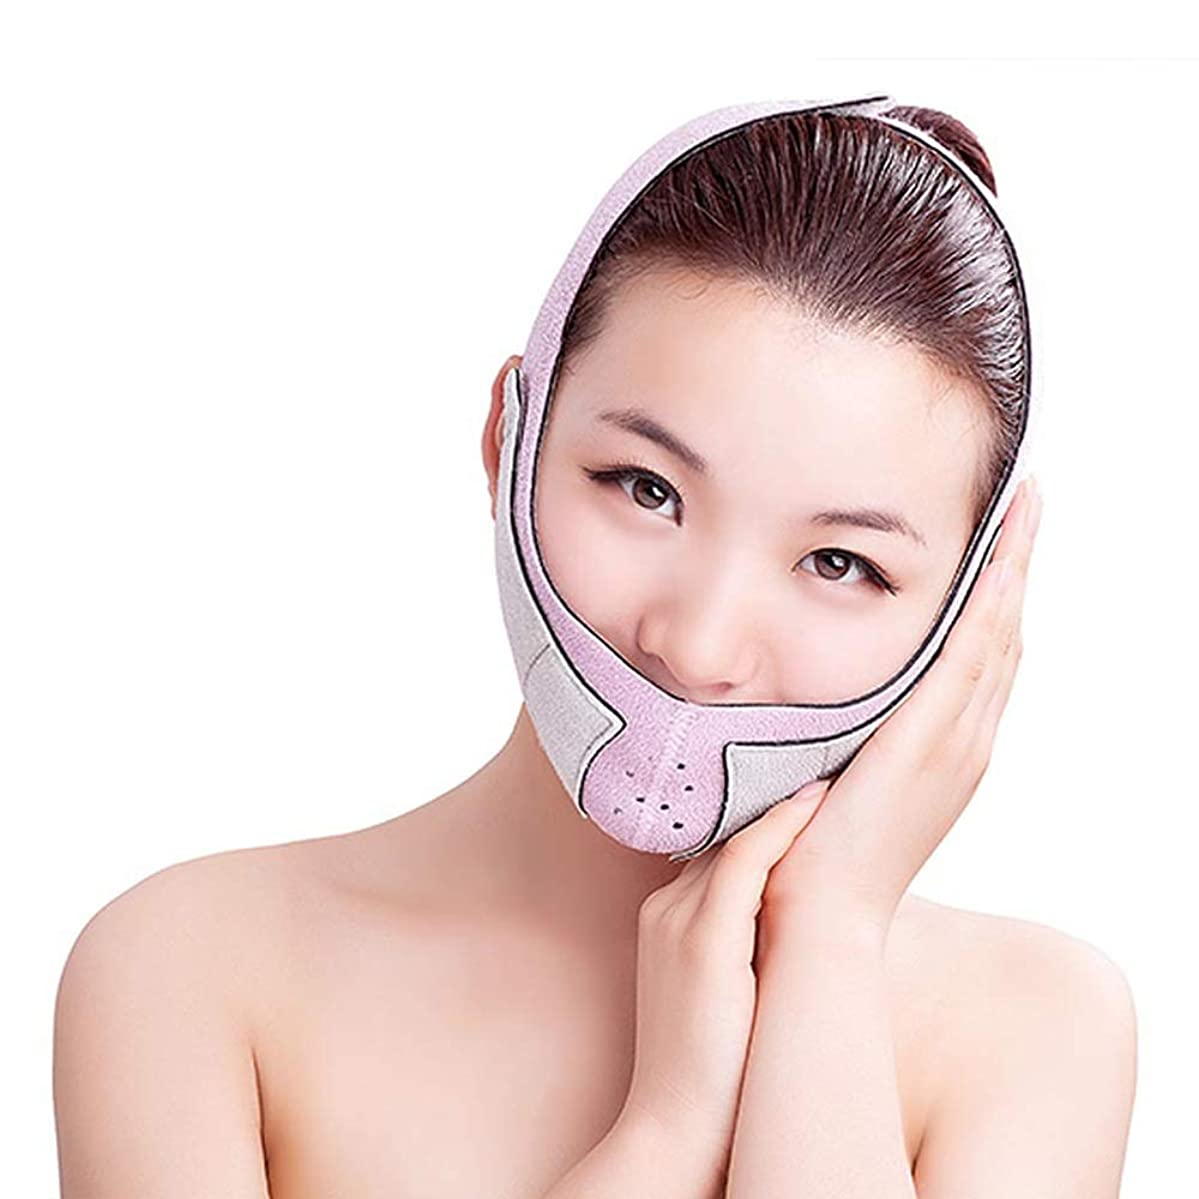 ギネス評論家シール薄い顔のベルト - 薄い顔のベルト通気性の補正3D薄い顔のV顔のベルトの包帯薄い顔のアーティファクト (色 : B)